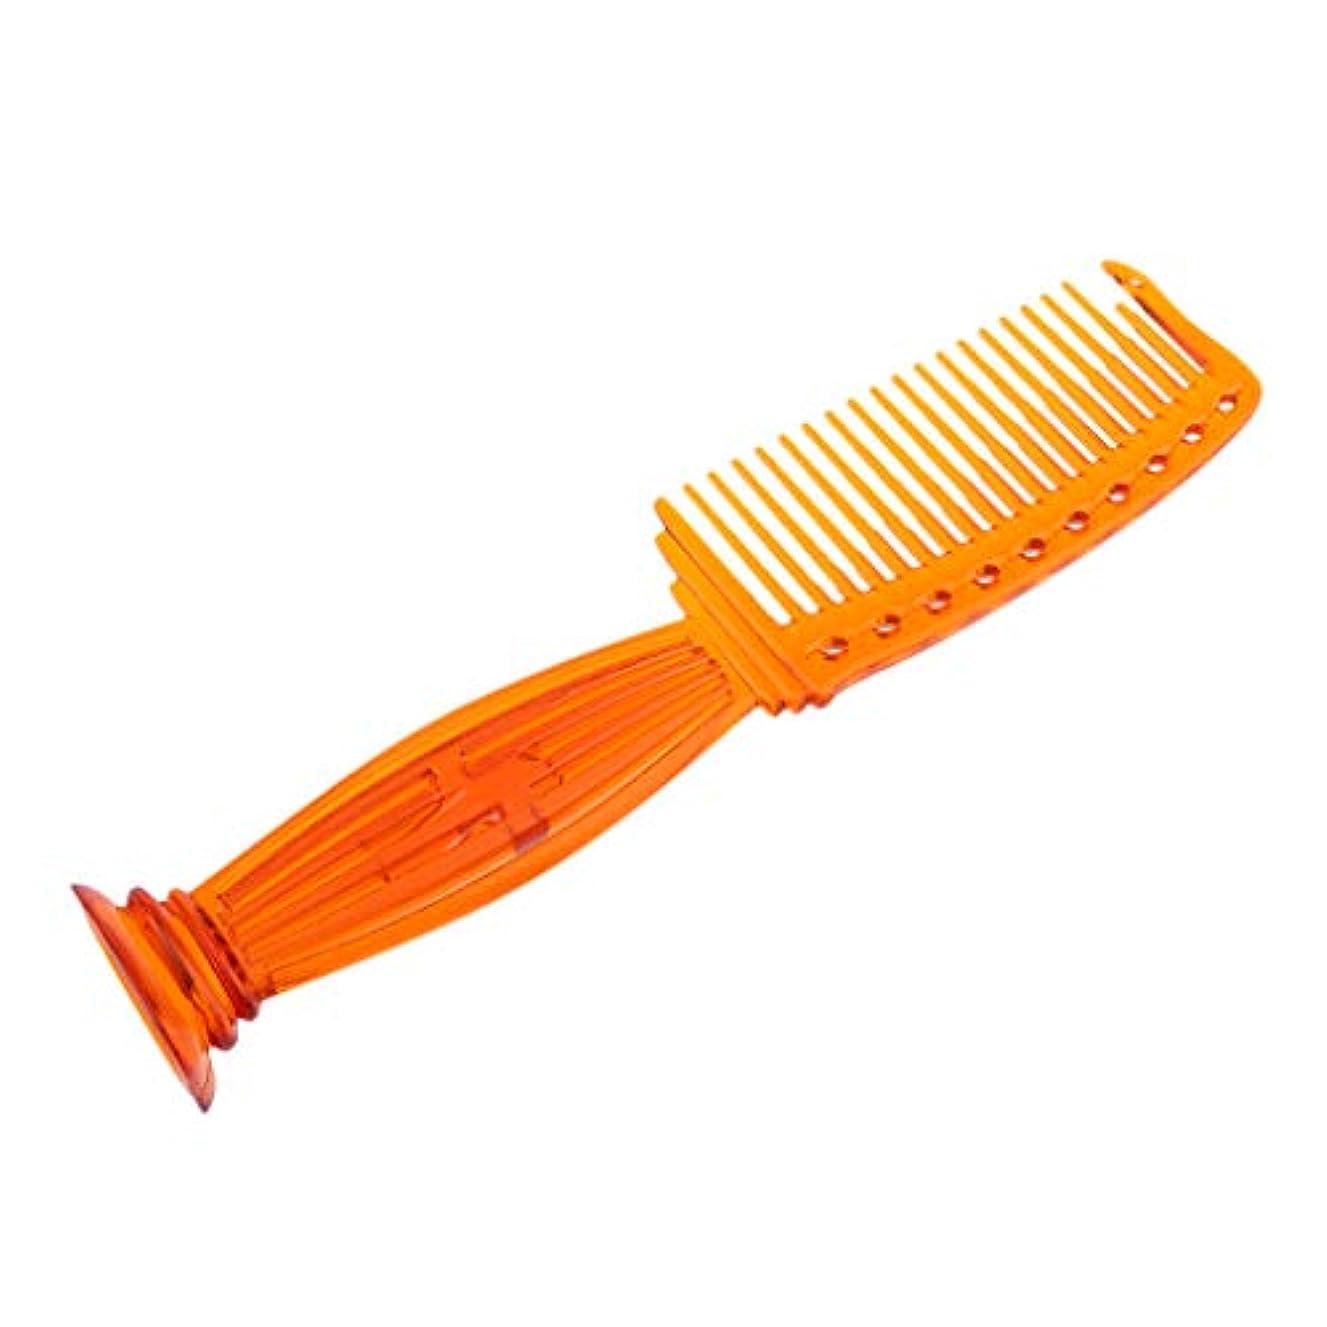 根絶するナイロン性差別CUTICATE ヘアコーム ヘアブラシ プラスチック櫛 ワイド歯 プロ ヘアサロン 理髪師 全5色選べ - オレンジ